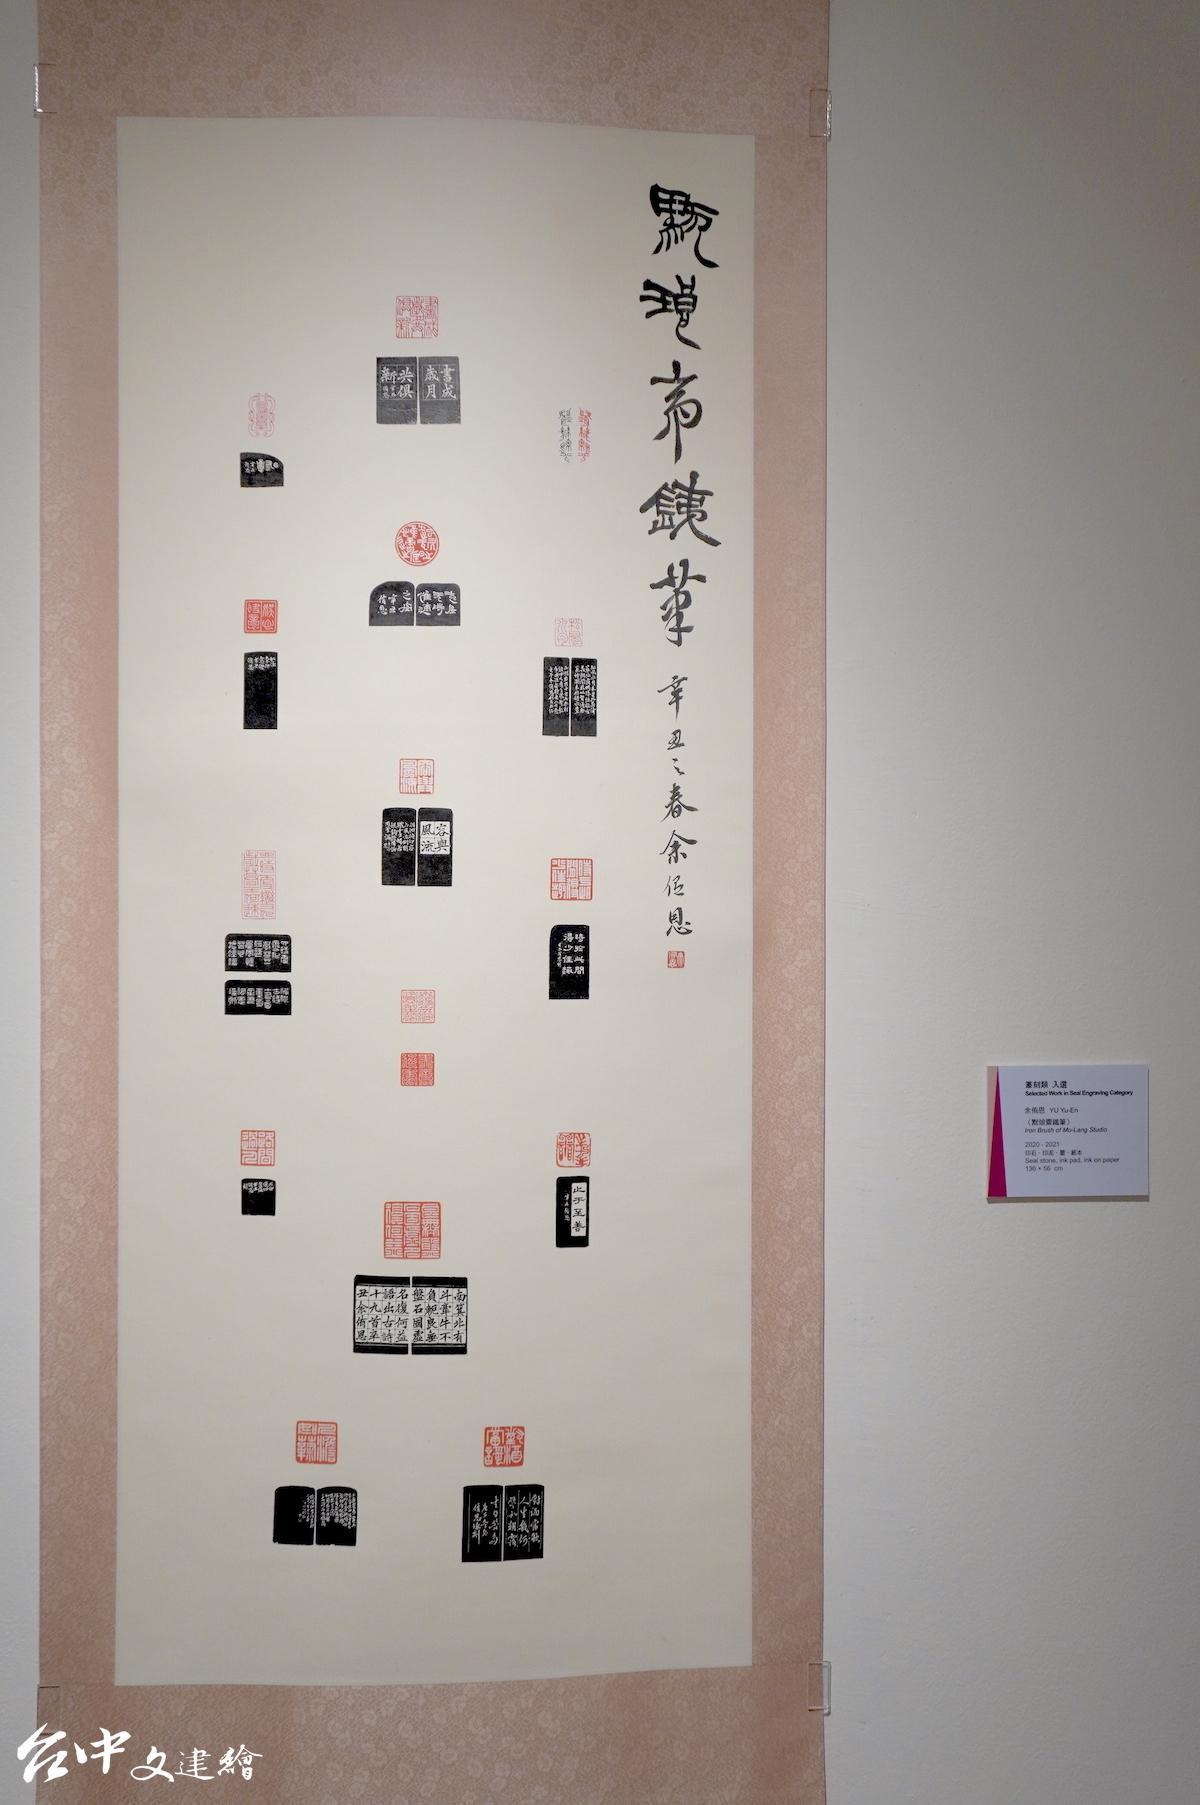 2021 全國美展,篆刻類入選,余侑恩「默琅齋鐵筆」。(圖:台中文建繪)